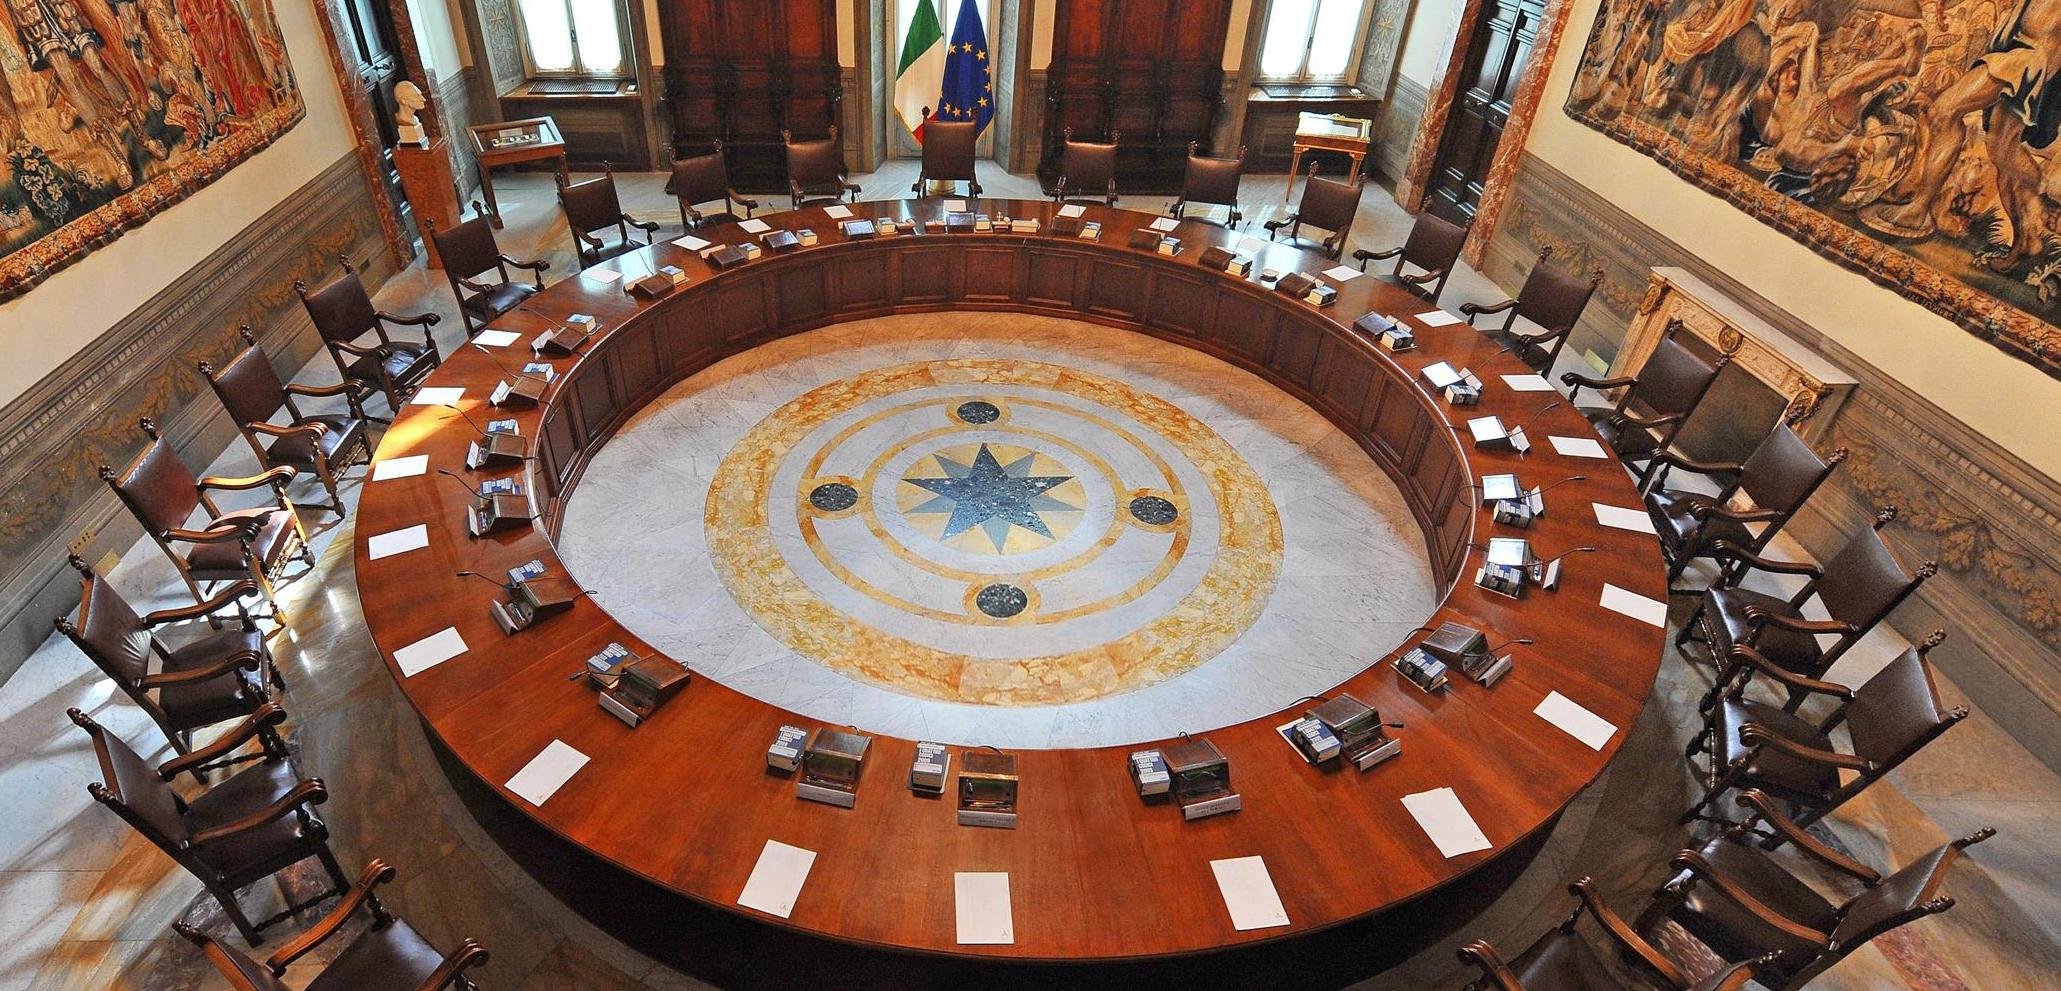 Consiglio dei Ministri dispone la riapertura dei giochi al 1 luglio 2021